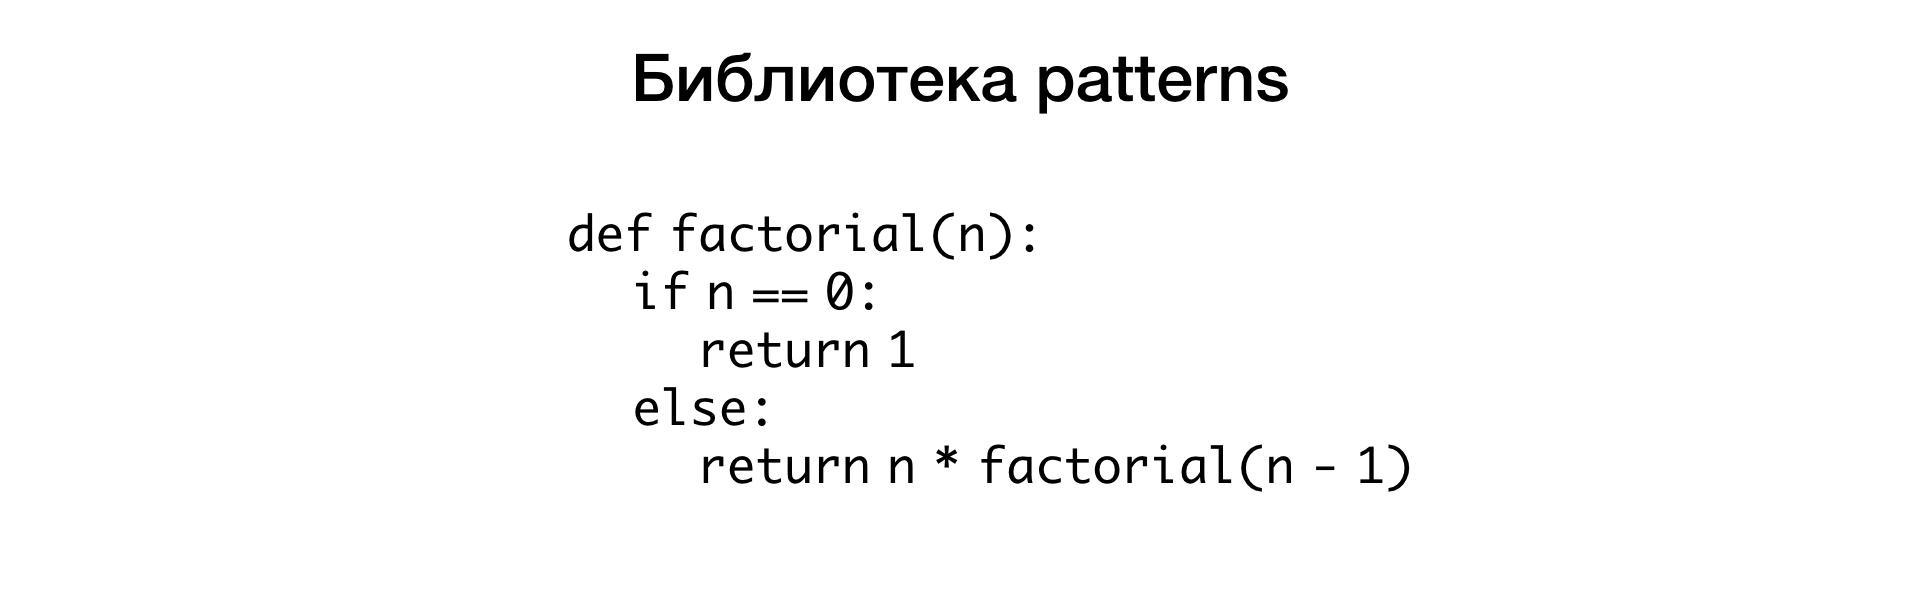 Макросы для питониста. Доклад Яндекса - 8